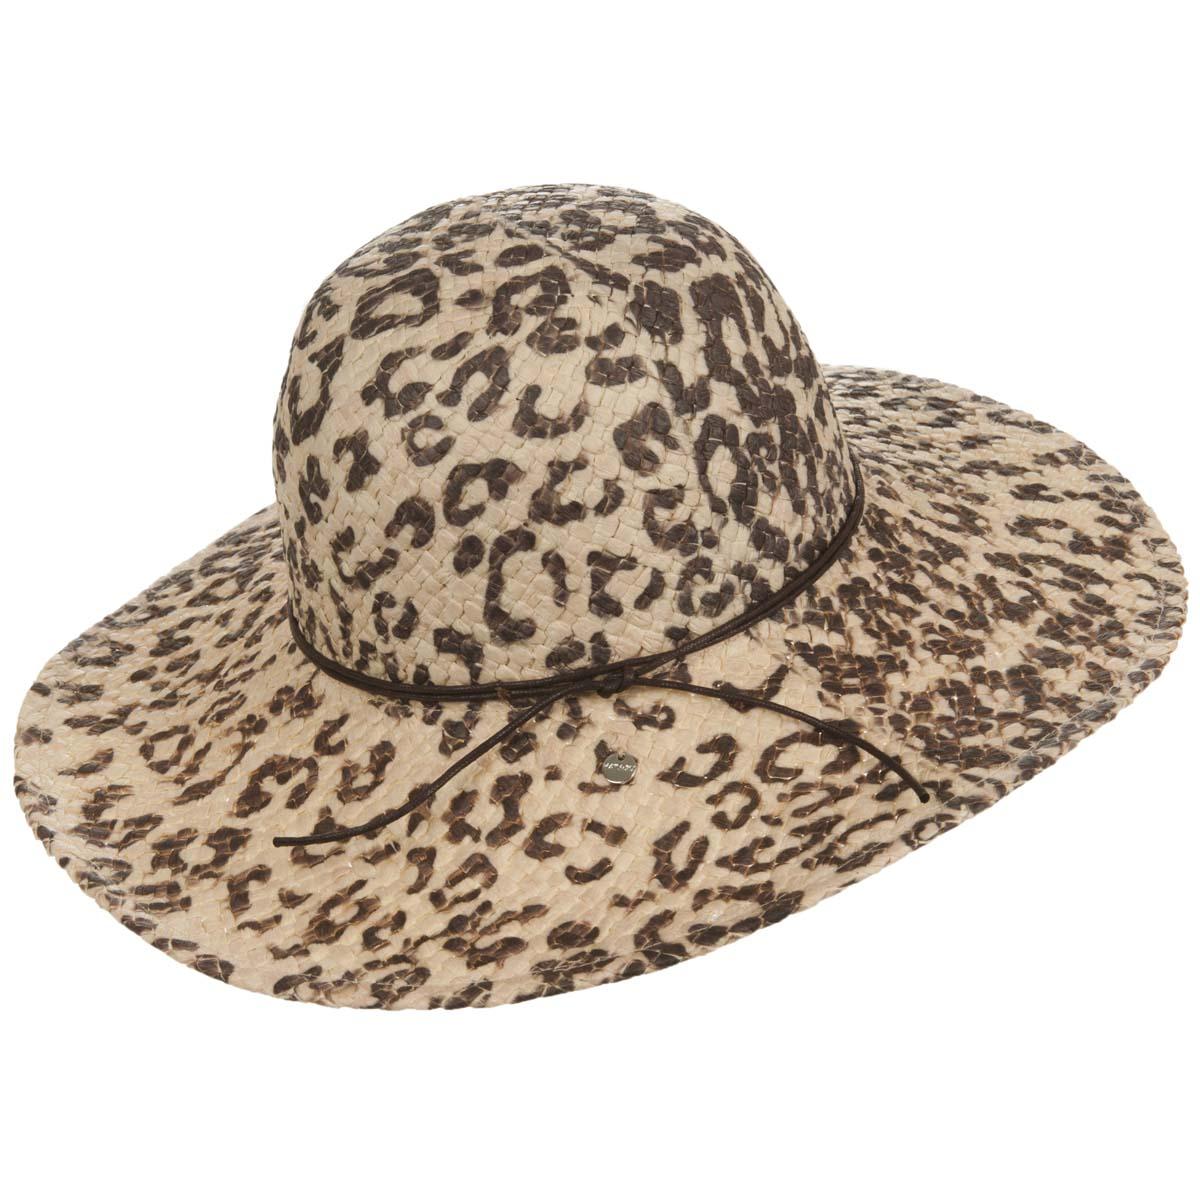 cappello estivo da donna con stampa leopardata 5ccf69d9c738